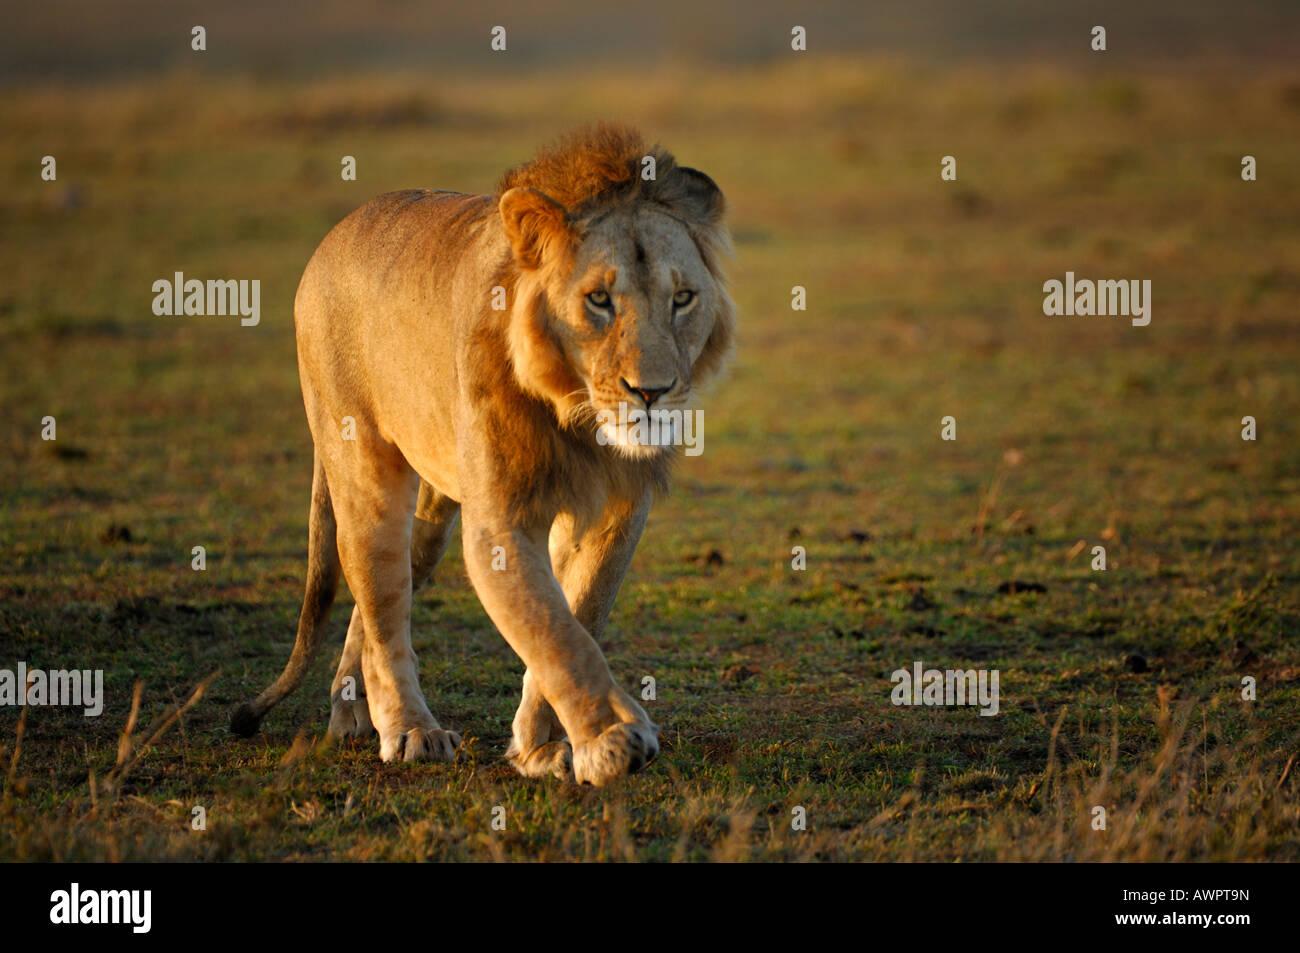 Lion (Panthera leo) in morning light, Masai Mara, Kenya, Africa Stock Photo